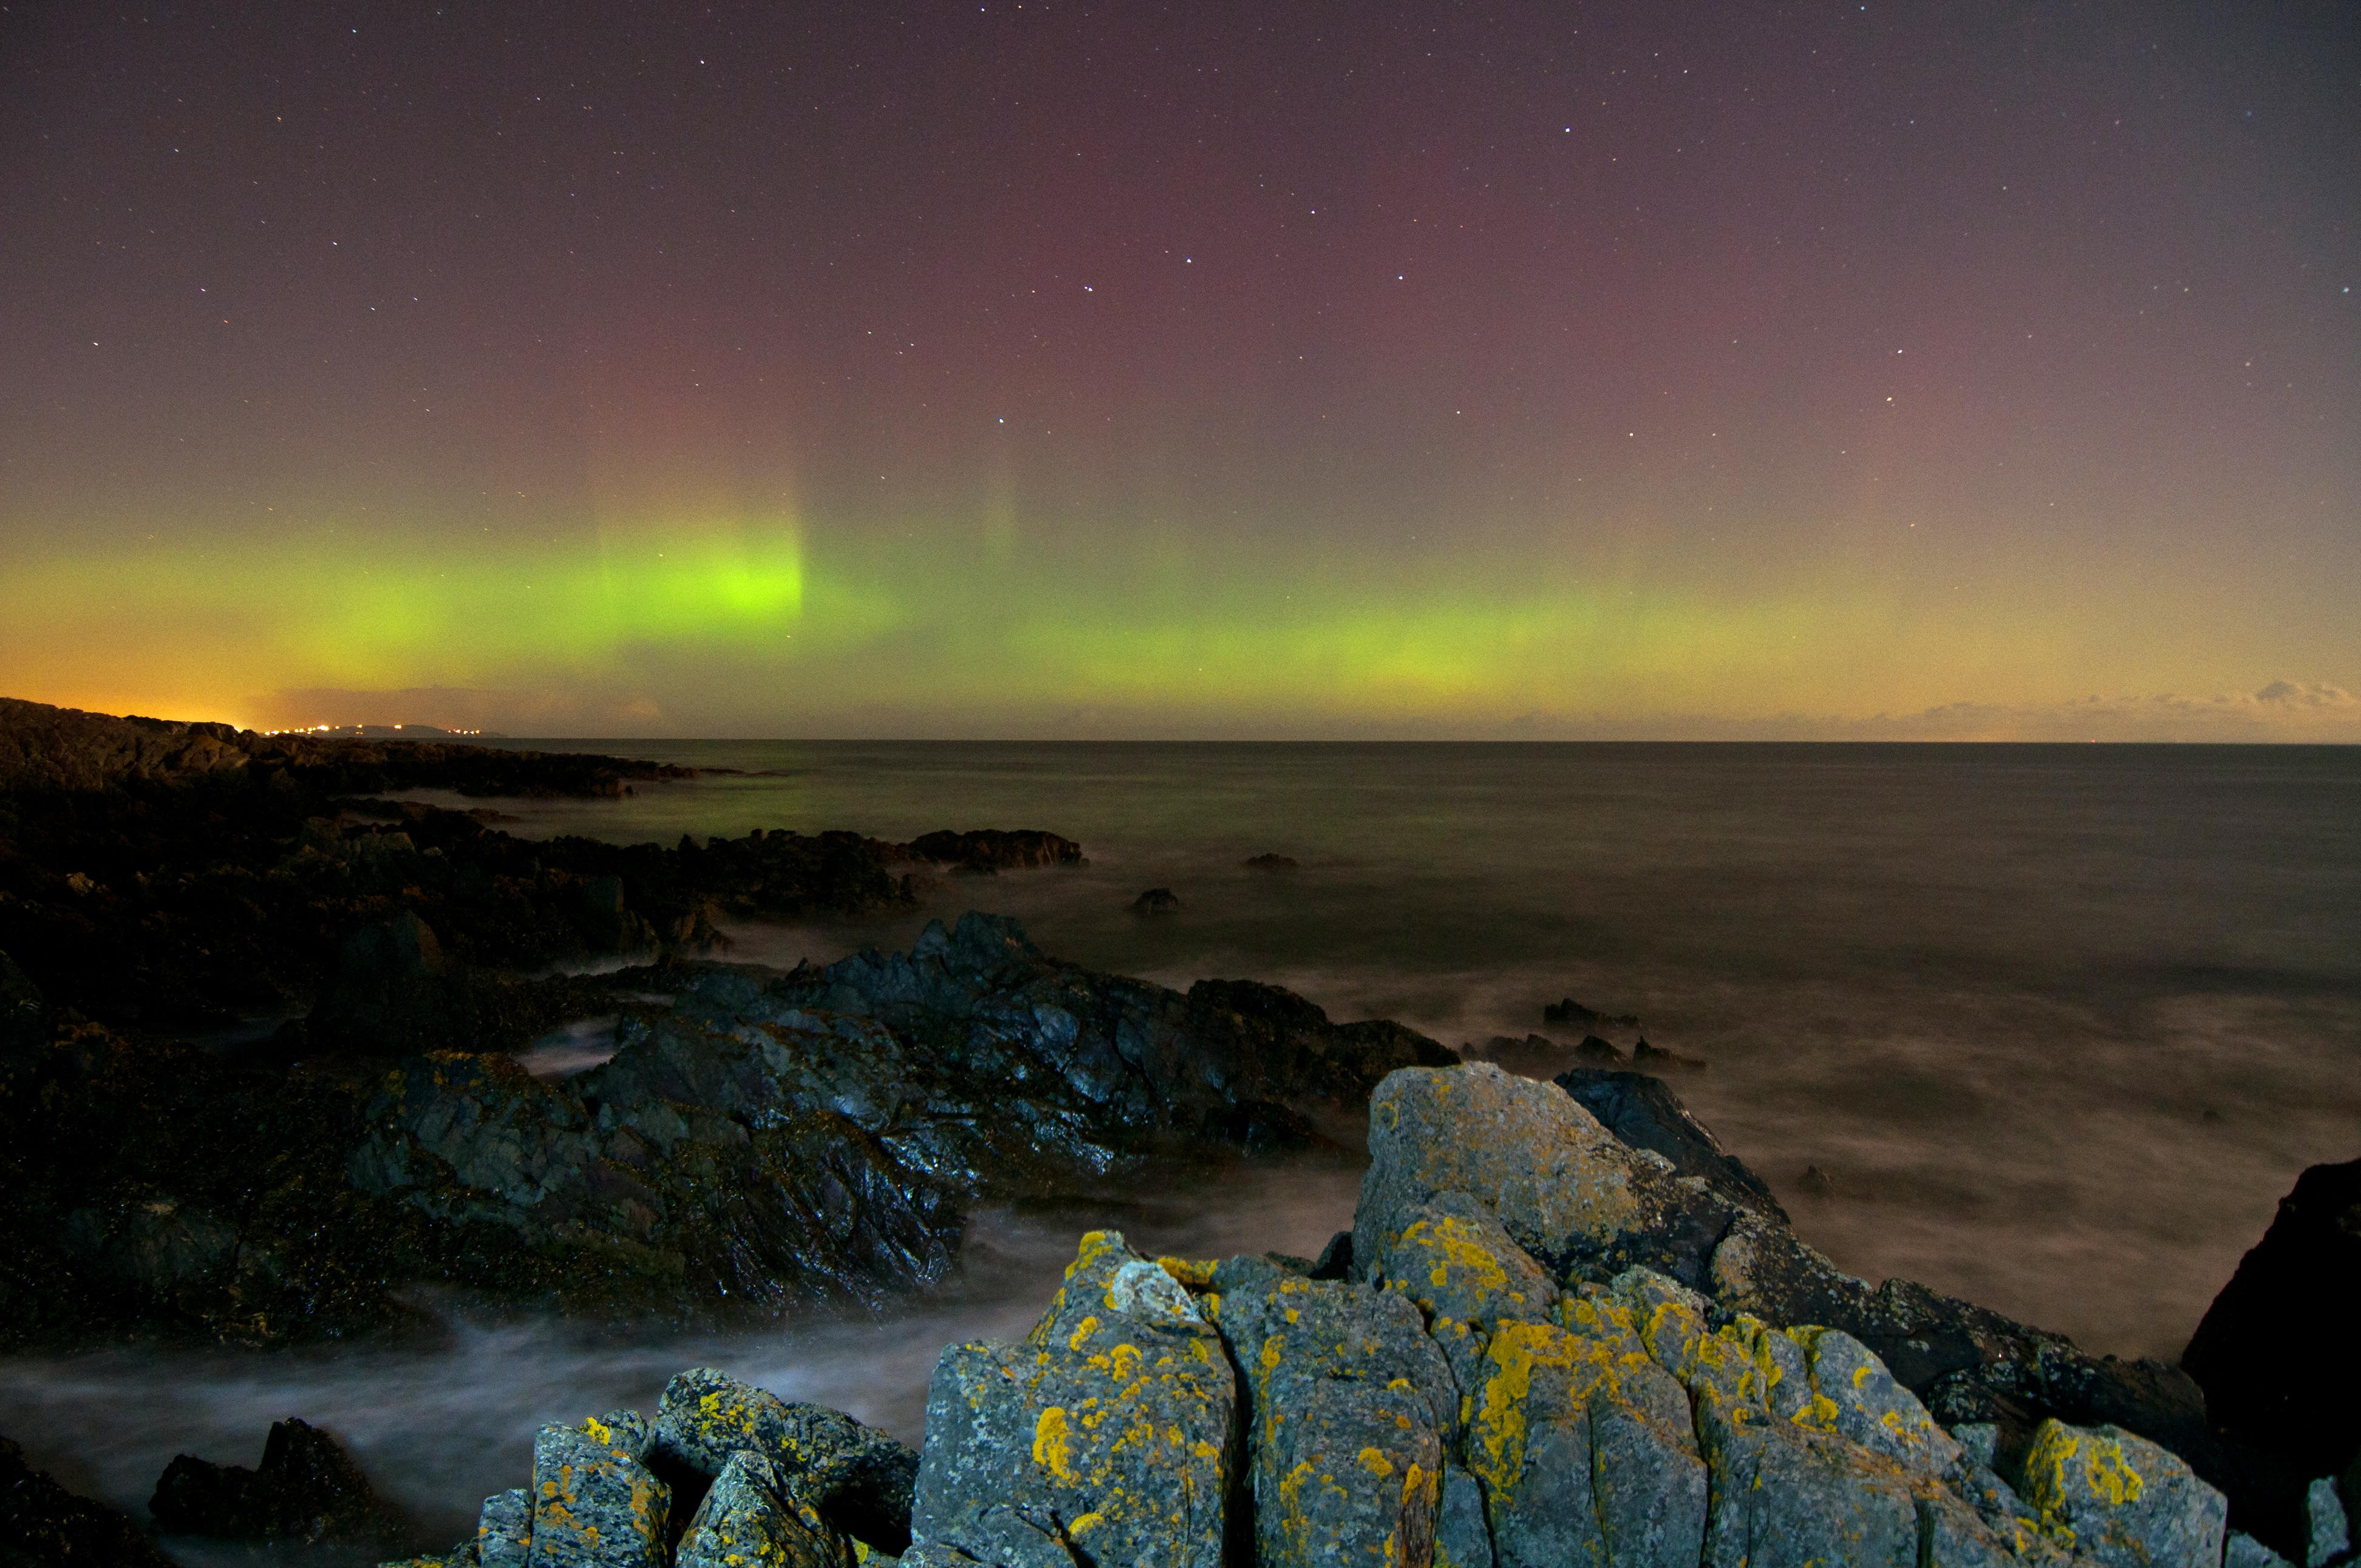 Aurora Borealis at Orlock Point